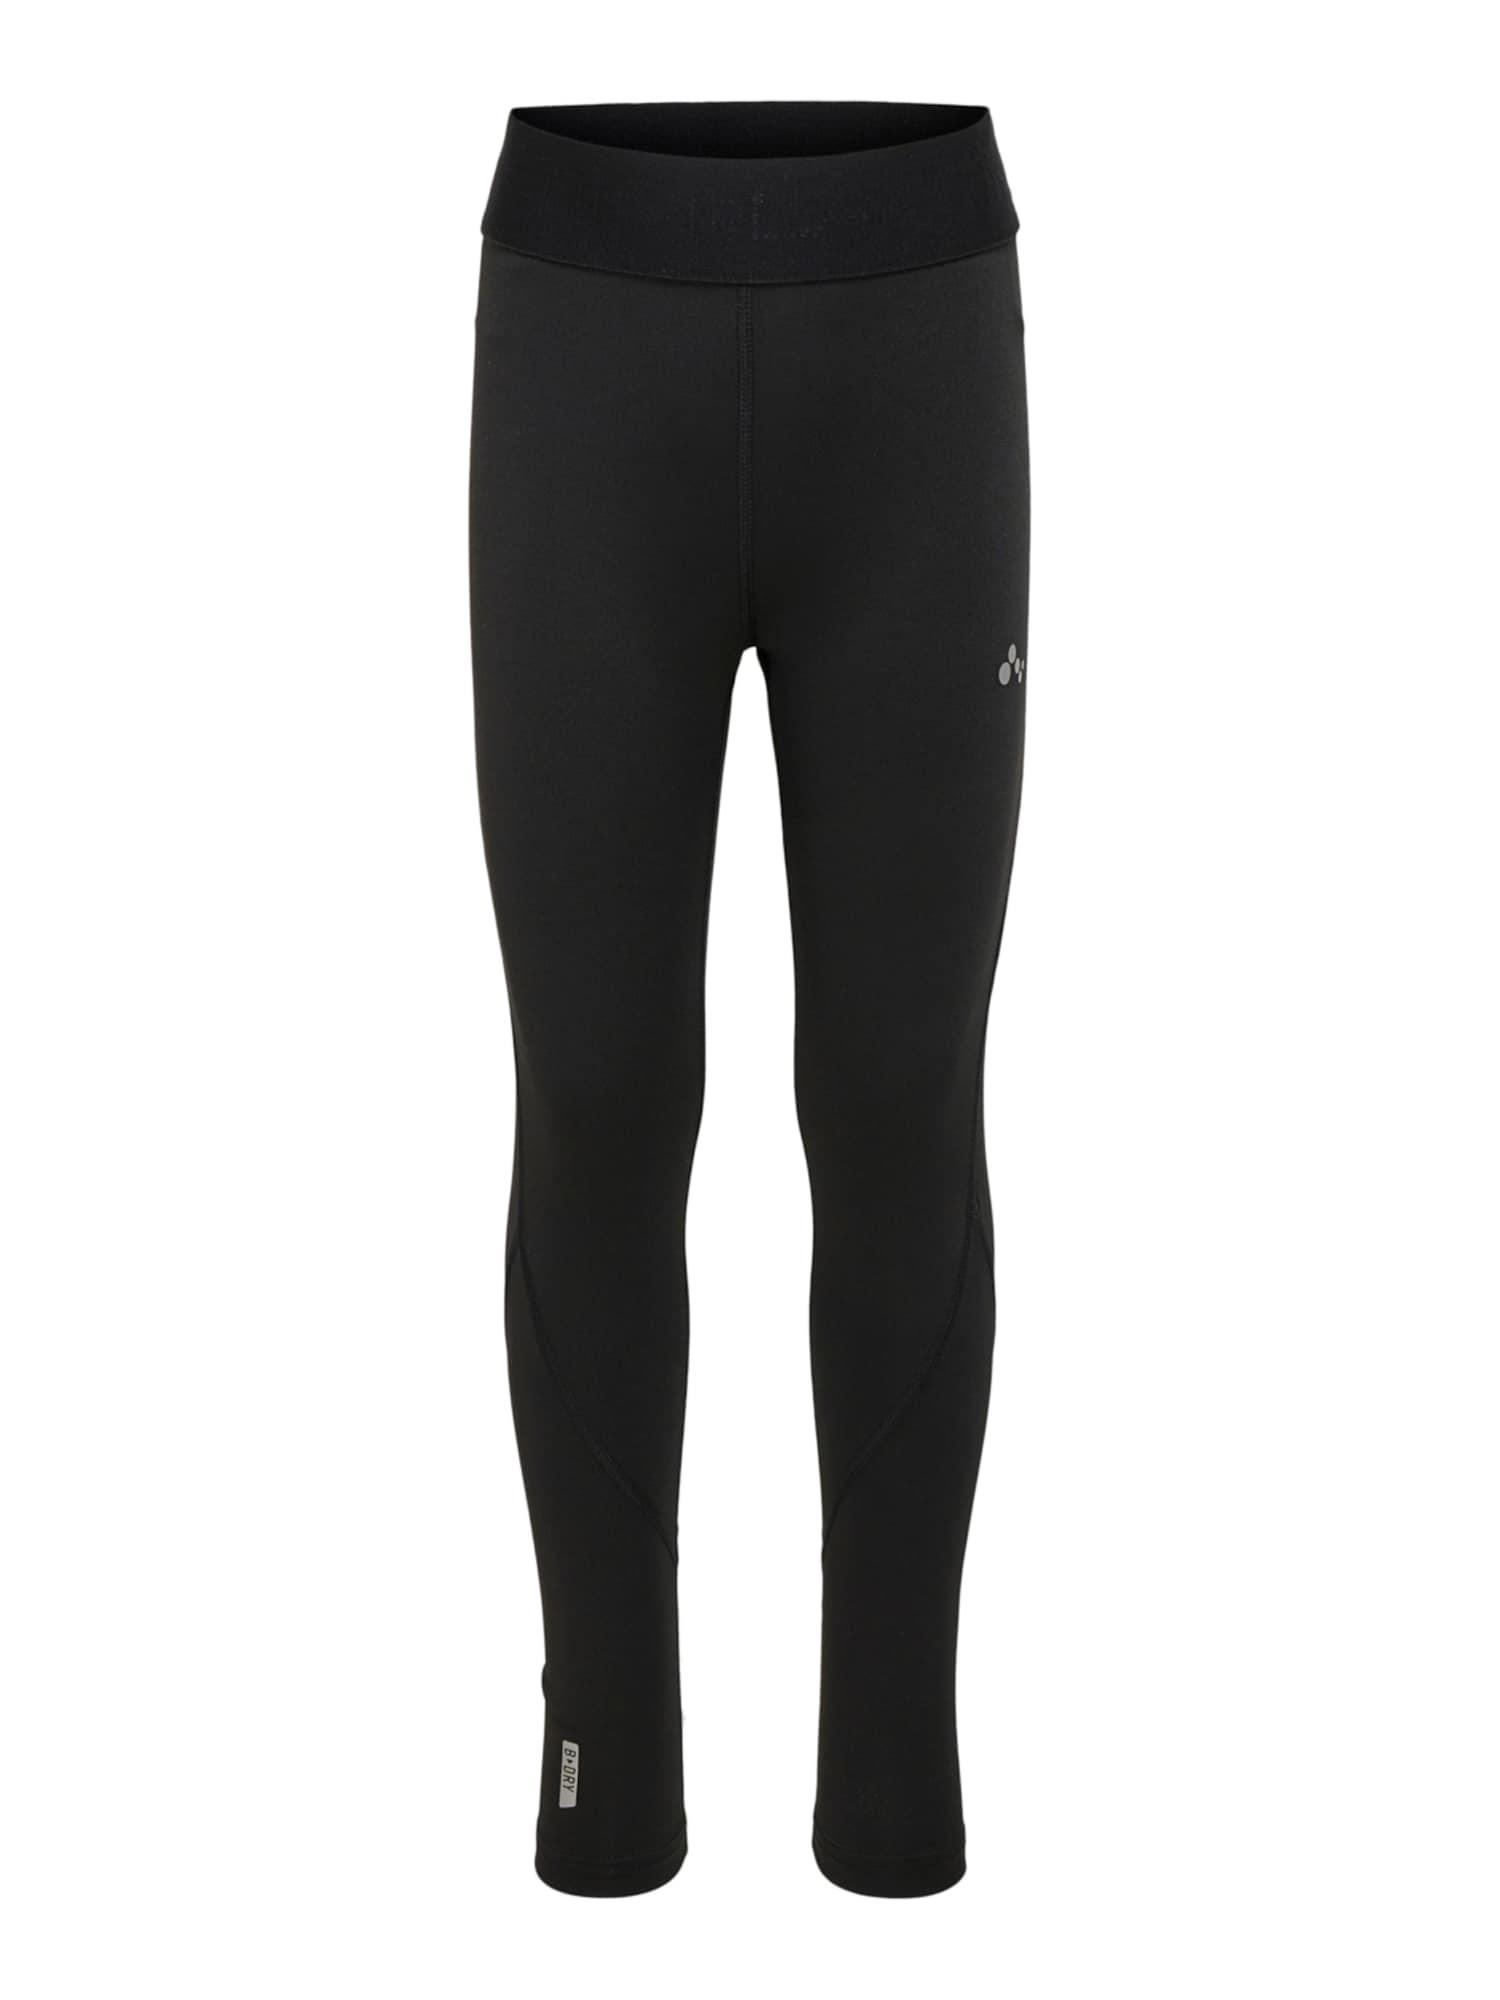 KIDS ONLY Sportinės kelnės 'Gill' juoda / pilka